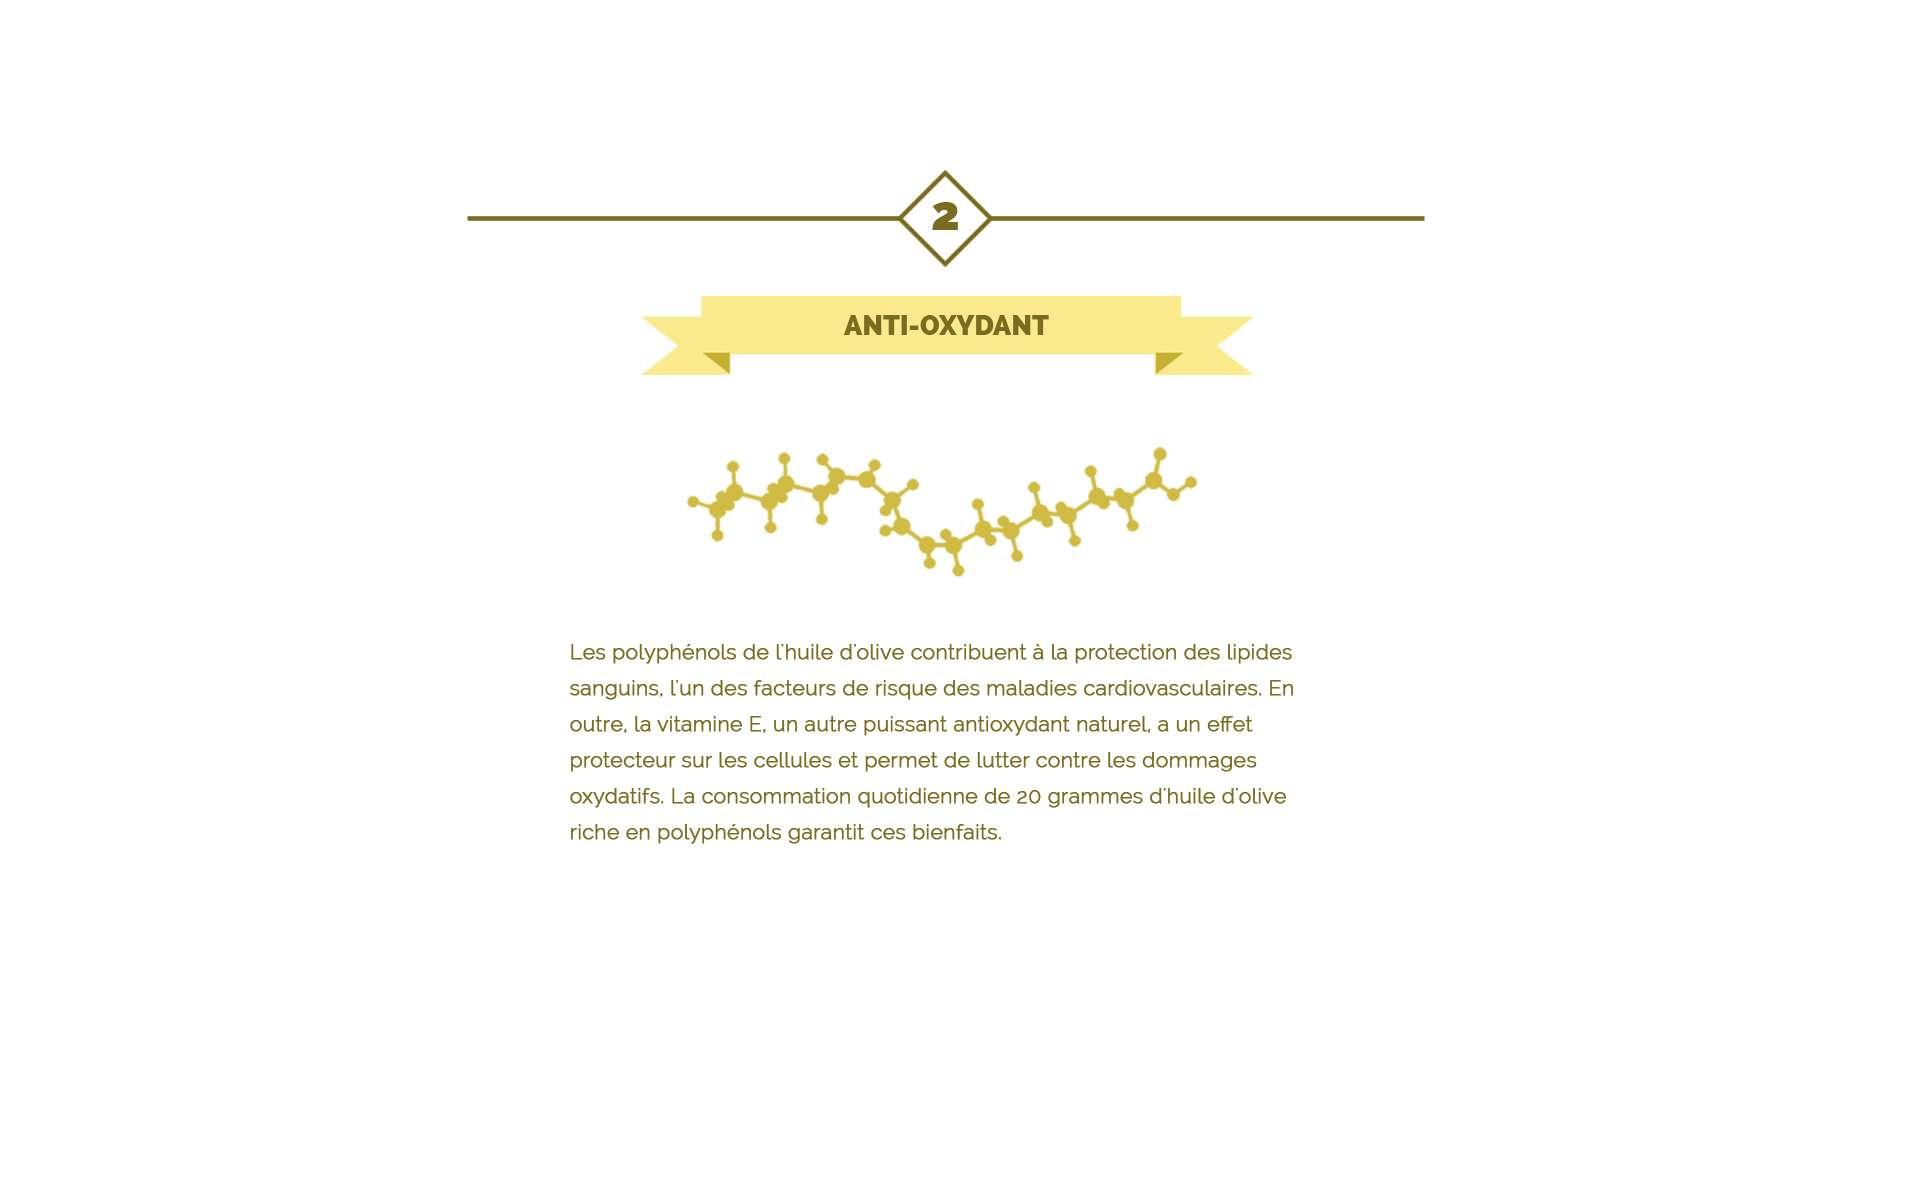 Les propriétés anti-oxydantes de l'huile d'olive